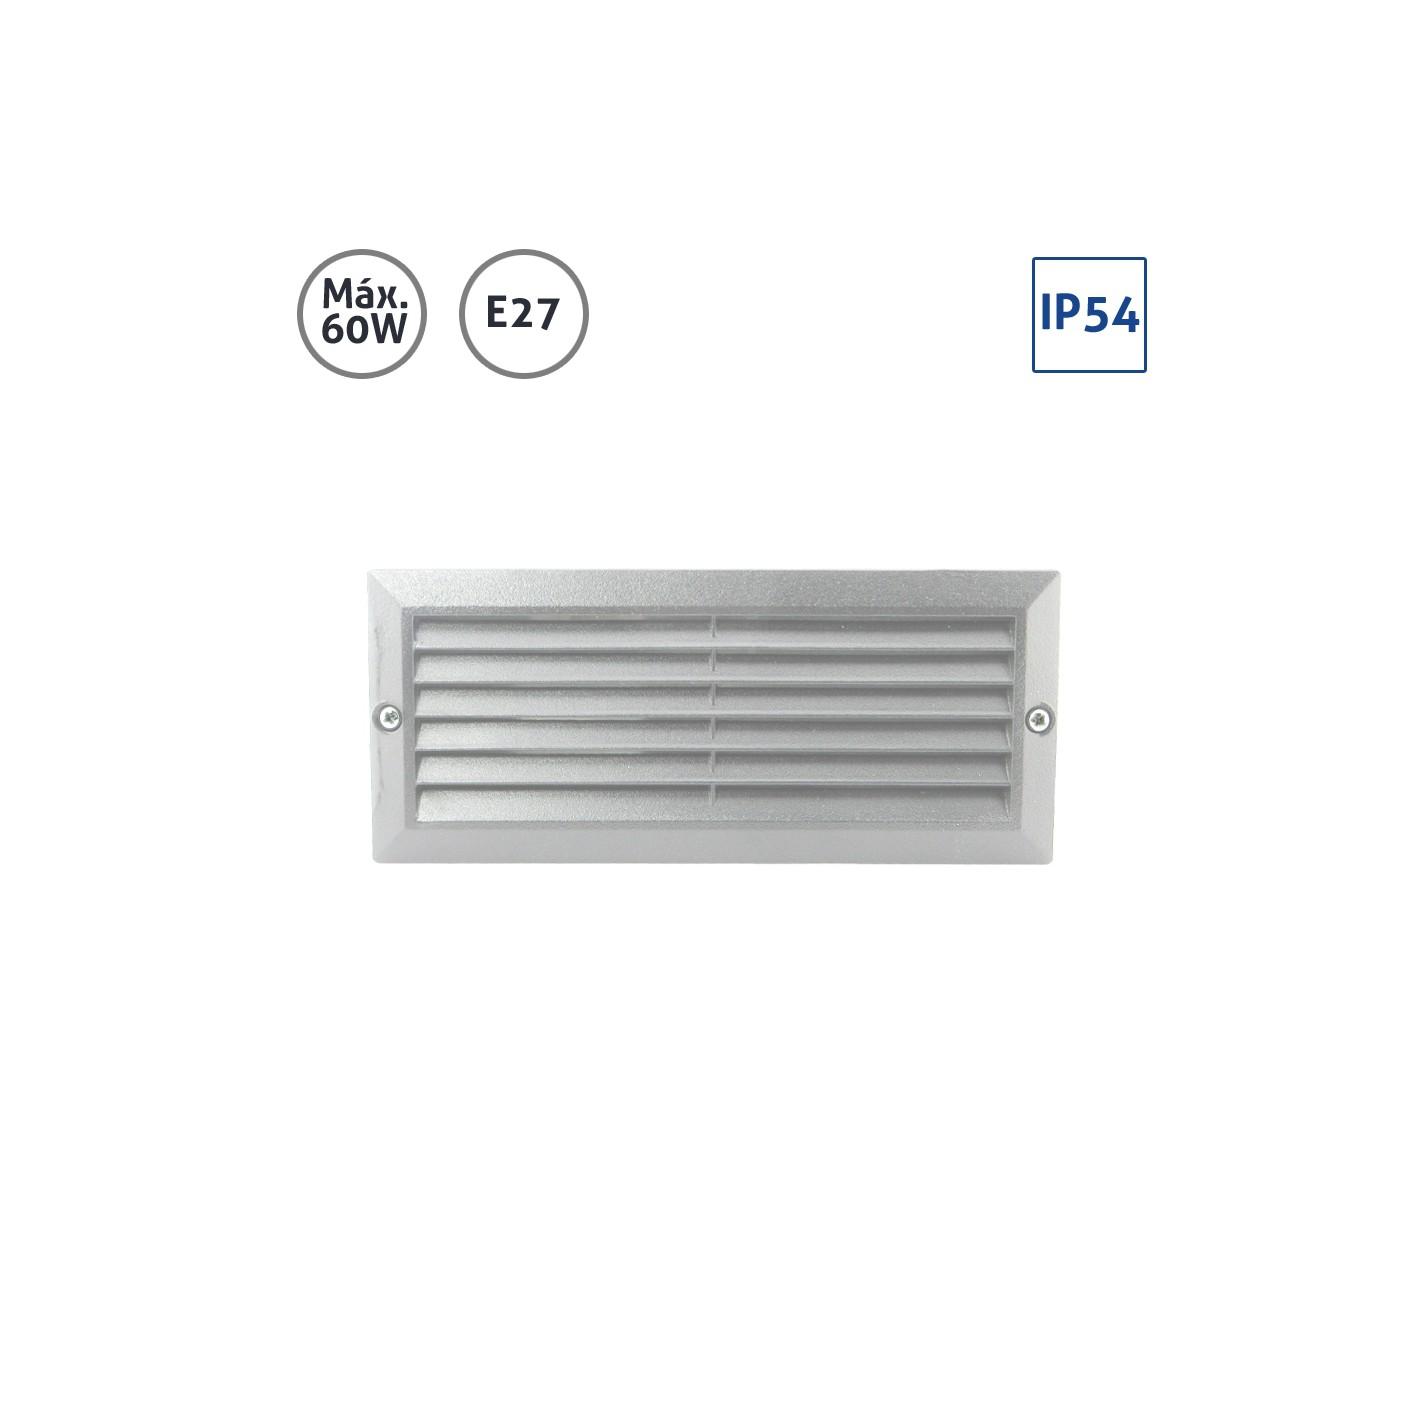 Baliza rectangular aluminio gris rejilla cristal 60w e27 alg sistemas - Focos empotrables exterior ...